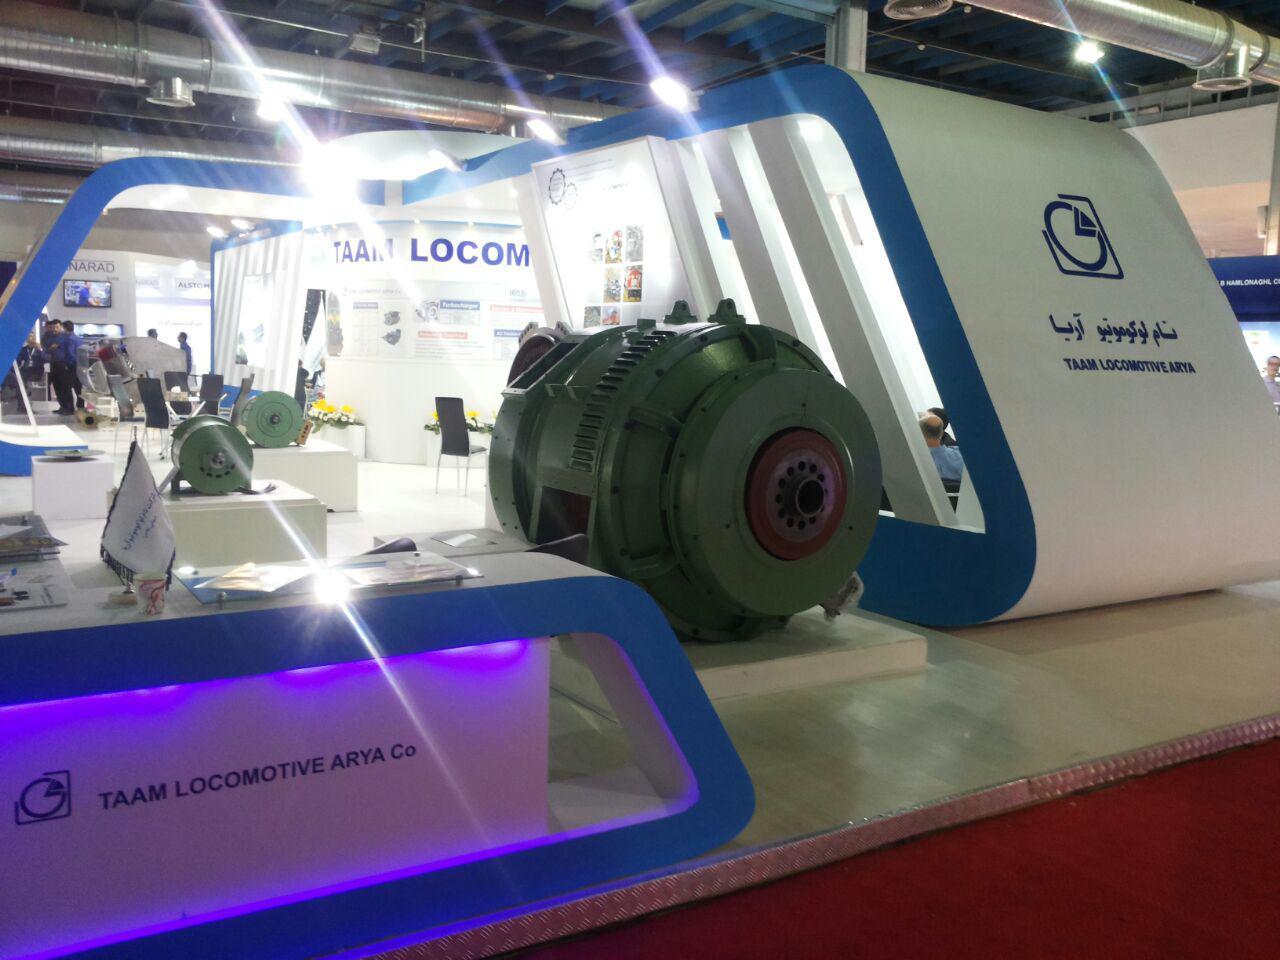 پنجمین نمایشگاه بینالمللی حمل و نقل ریلی با حضور واحد فناور پارک علم و فناوری قزوین برگزار شد